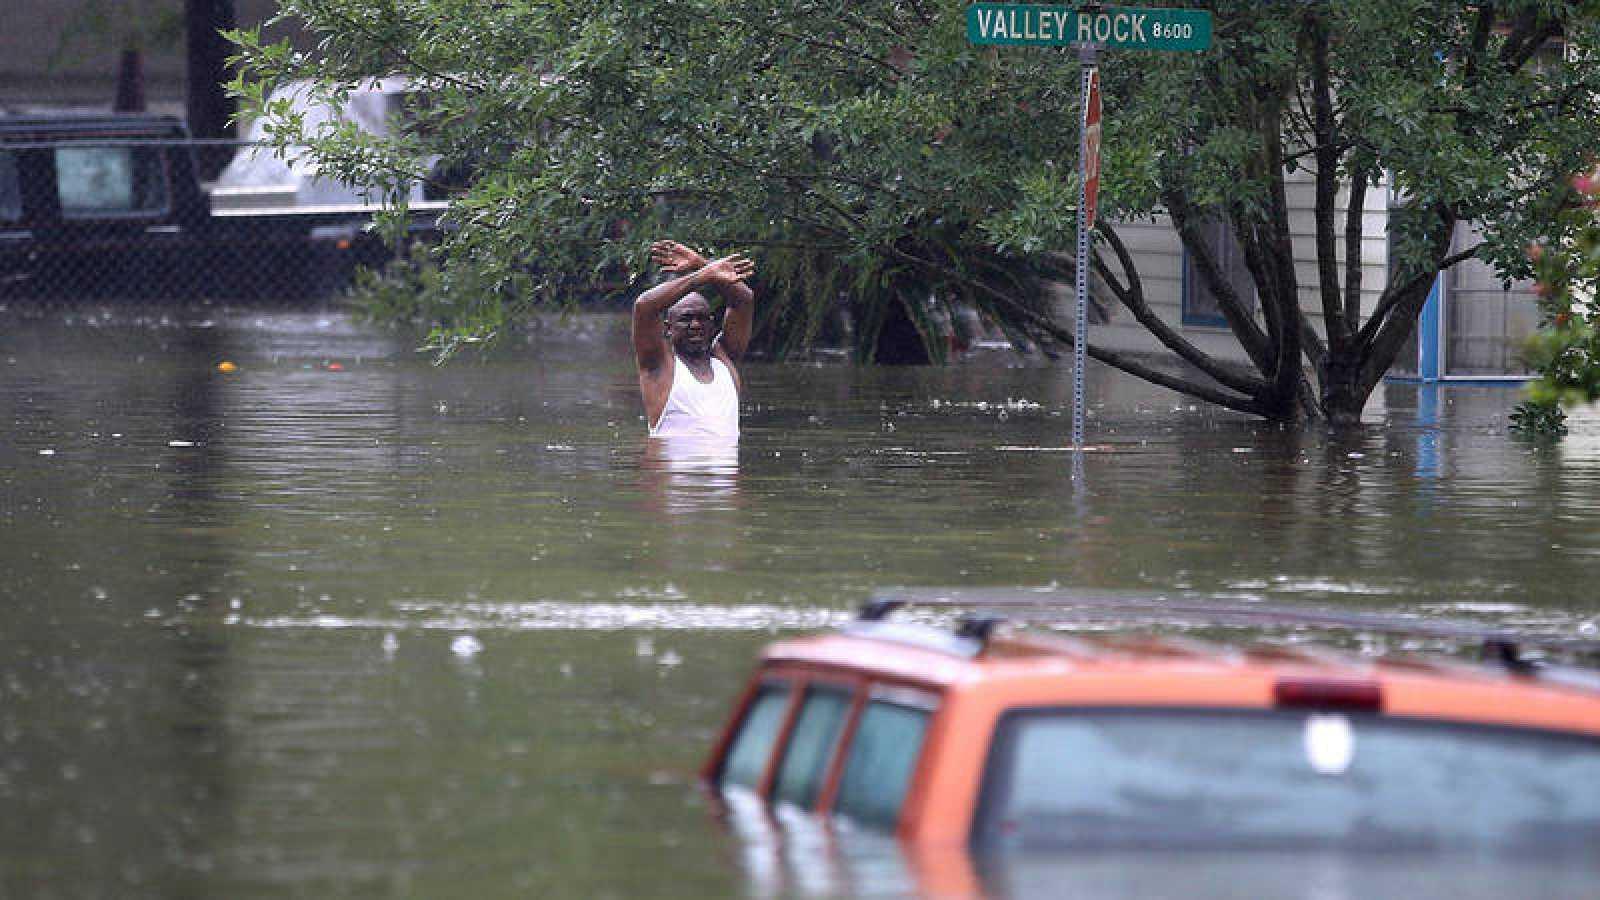 Los niveles de agua acumulados alcanza hasta los 1,2 metros en ciertas zonas de la ciudad de Houston.